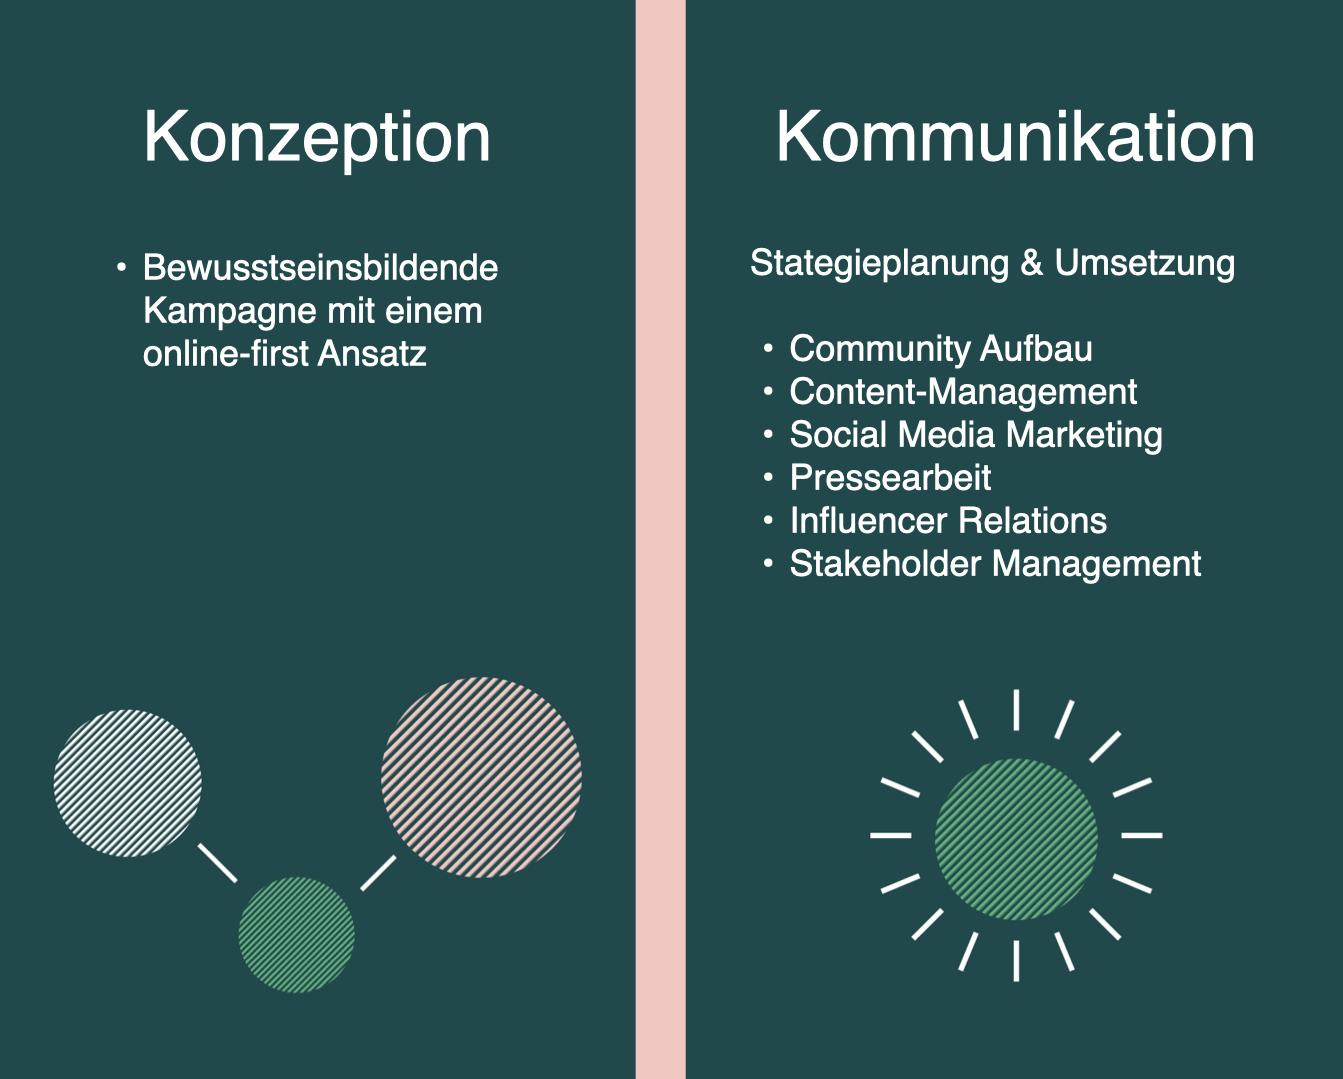 Auf diesem Bild sieht man die Leistungsübersicht. Konzeption: Bewusstseinsbildende   Kampagne mit einem   online-first Ansatz. Kommunikation: Community Aufbau, Content-Management, Social Media Marketing Pressearbeit, Influencer Relations Stakeholder Management